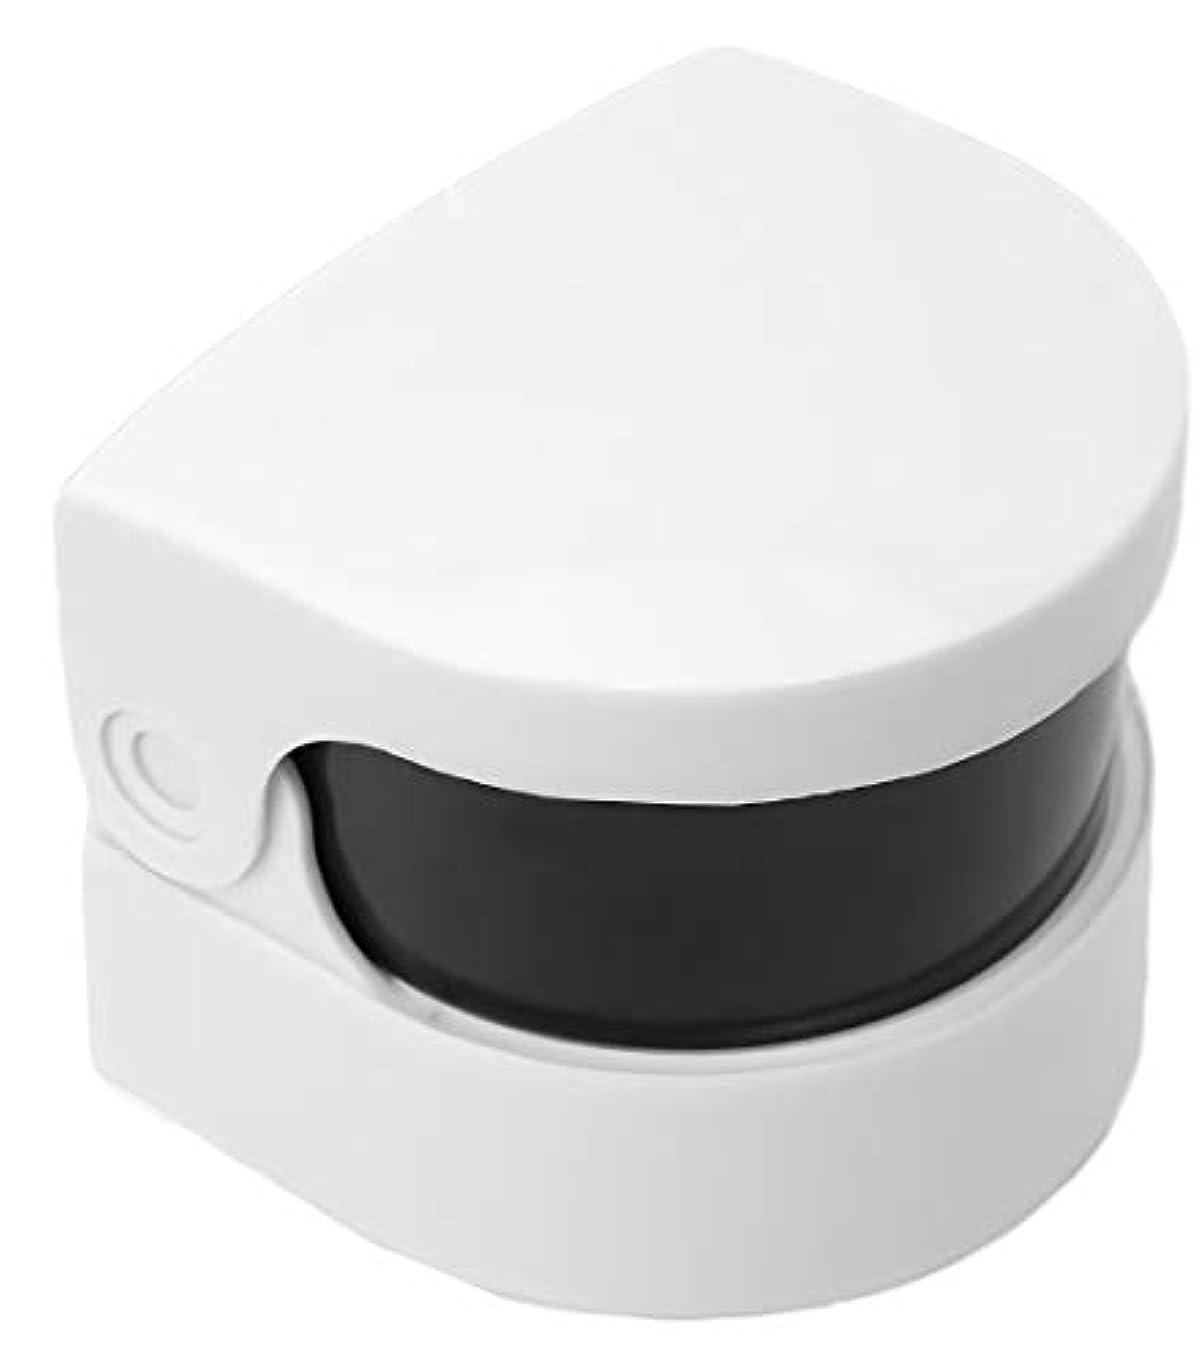 理想的にはソート外側JX-SHOPPU 振動 入れ歯 クリーナー 洗浄器 音波洗浄 入れ歯ケース 汚れ落とし アクセサリー